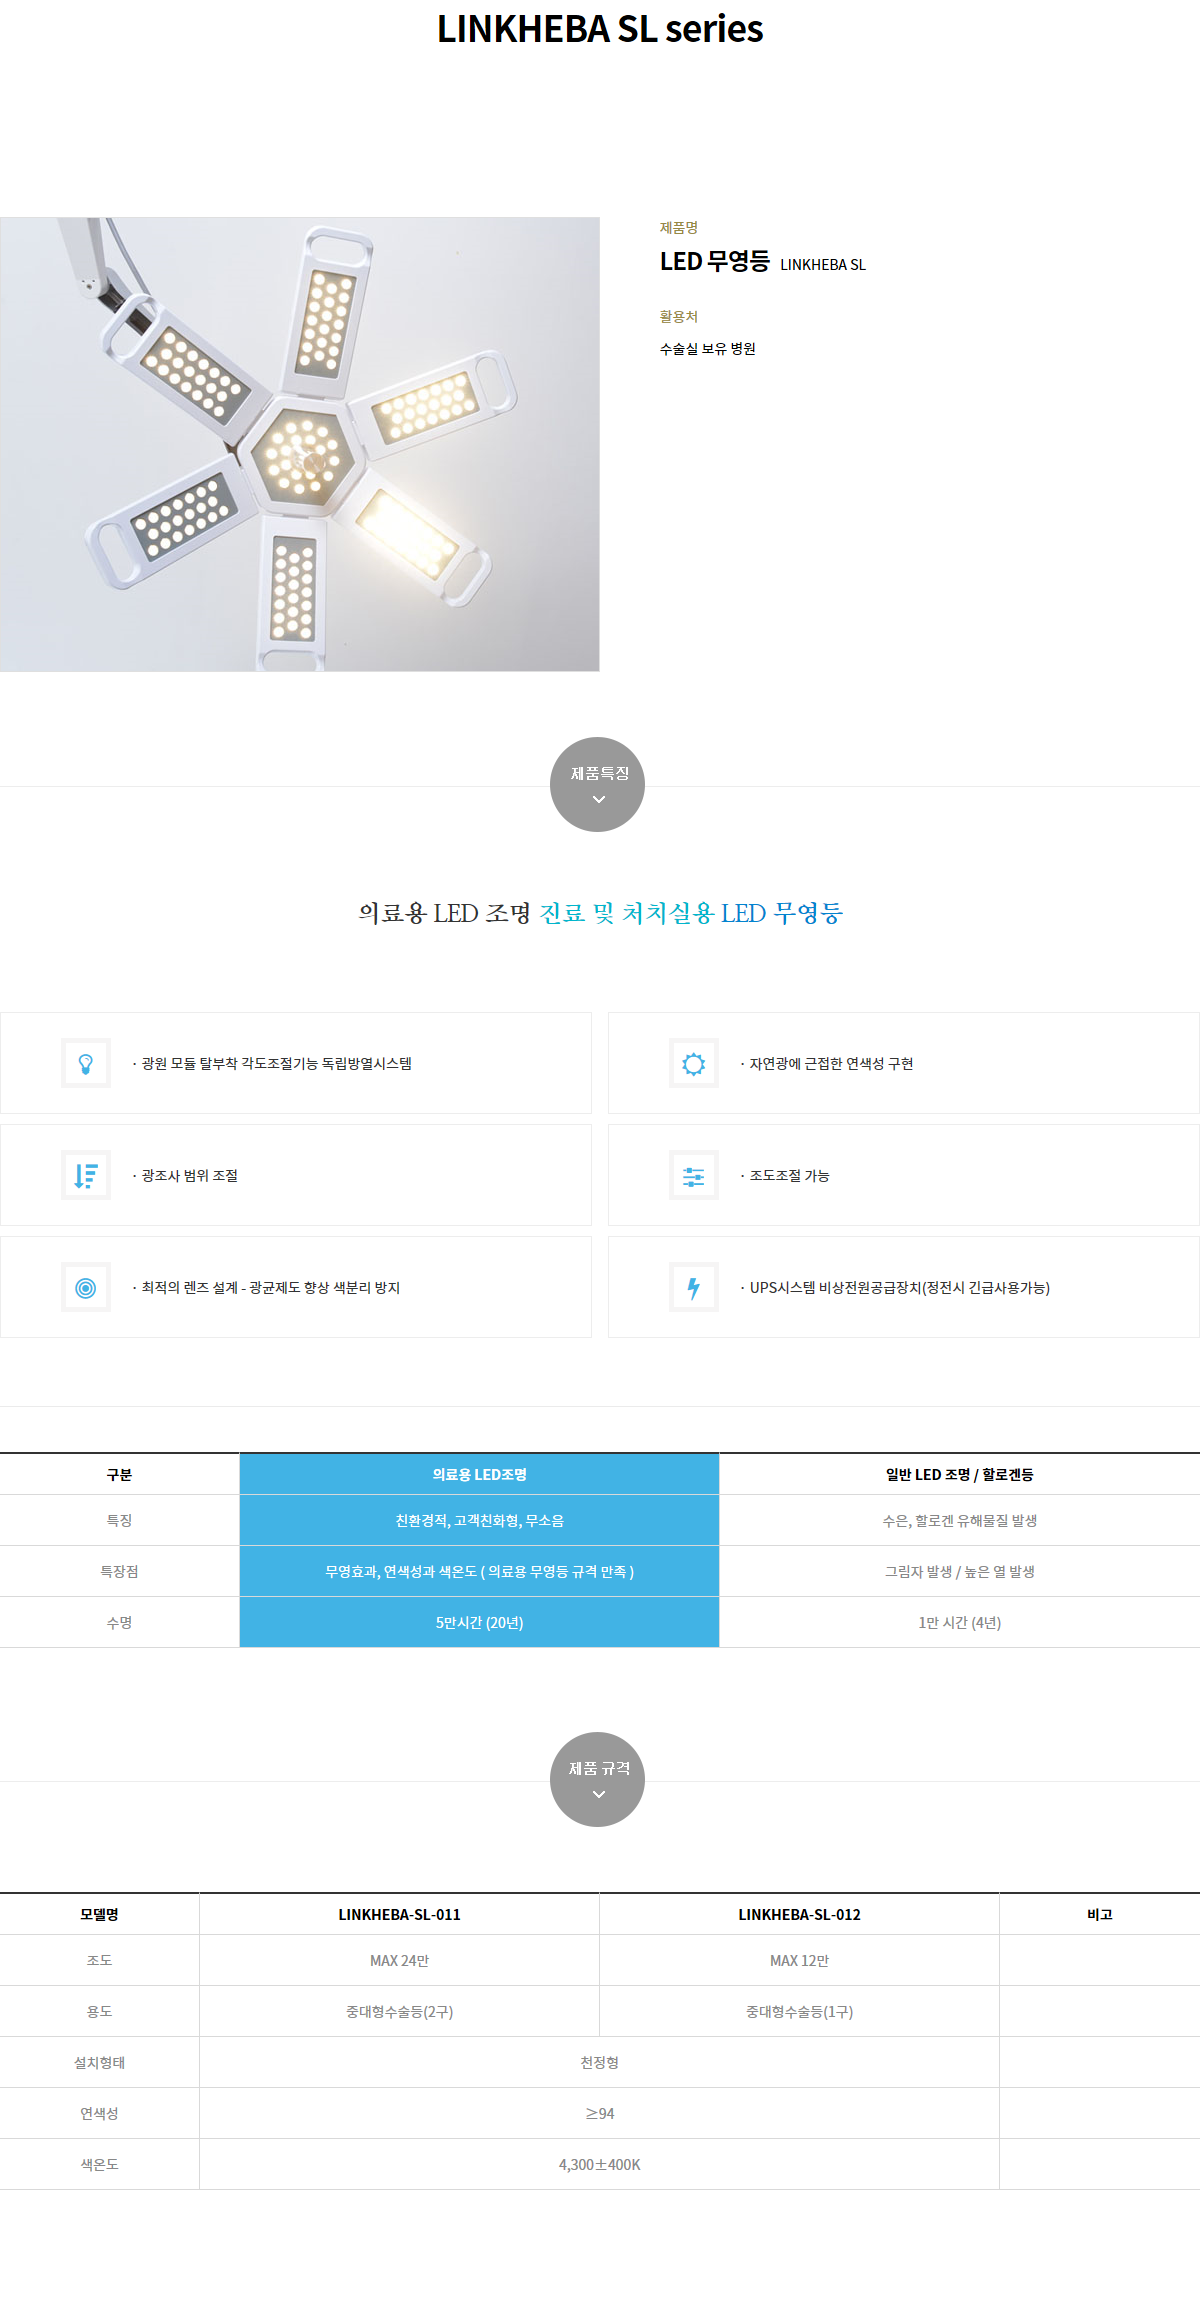 (주)링크옵틱스 무영등 / 이동형소형무영등 LINKHEBA SL Serieslamp 2